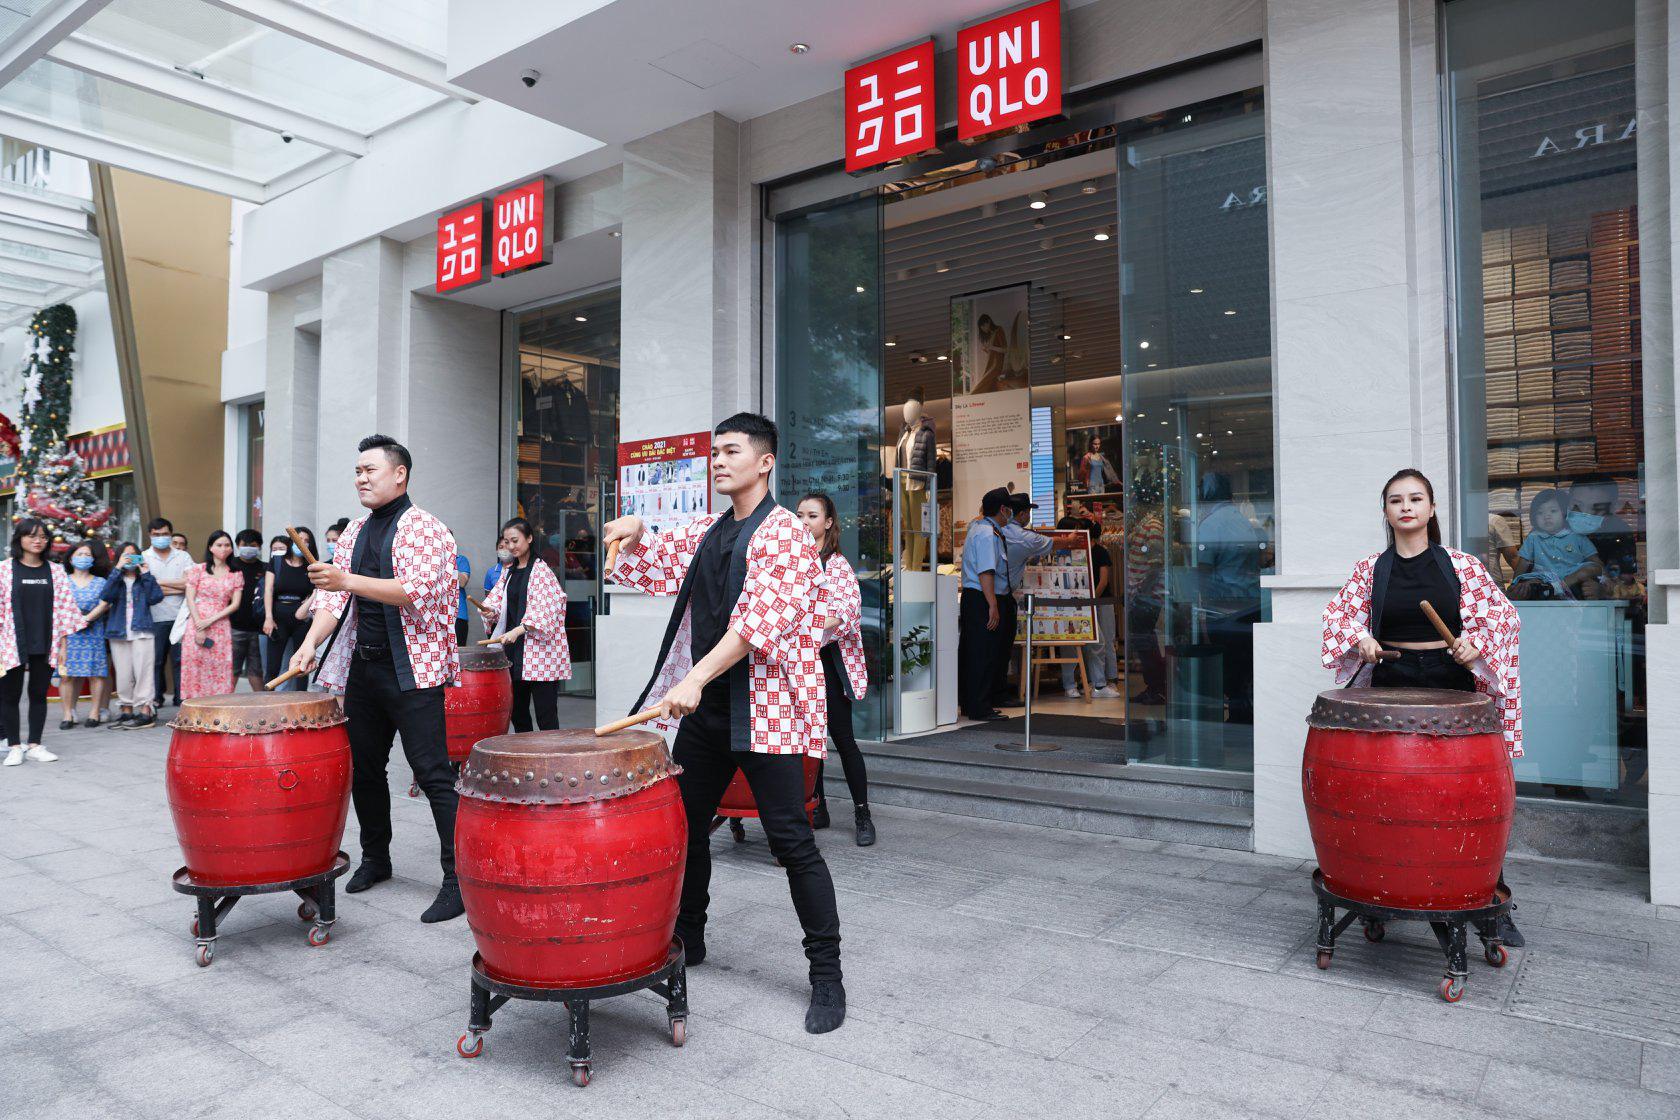 UNIQLO gửi gắm thông điệp mừng năm mới qua vũ điệu Yosakoi đậm chất Nhật - Ảnh 1.